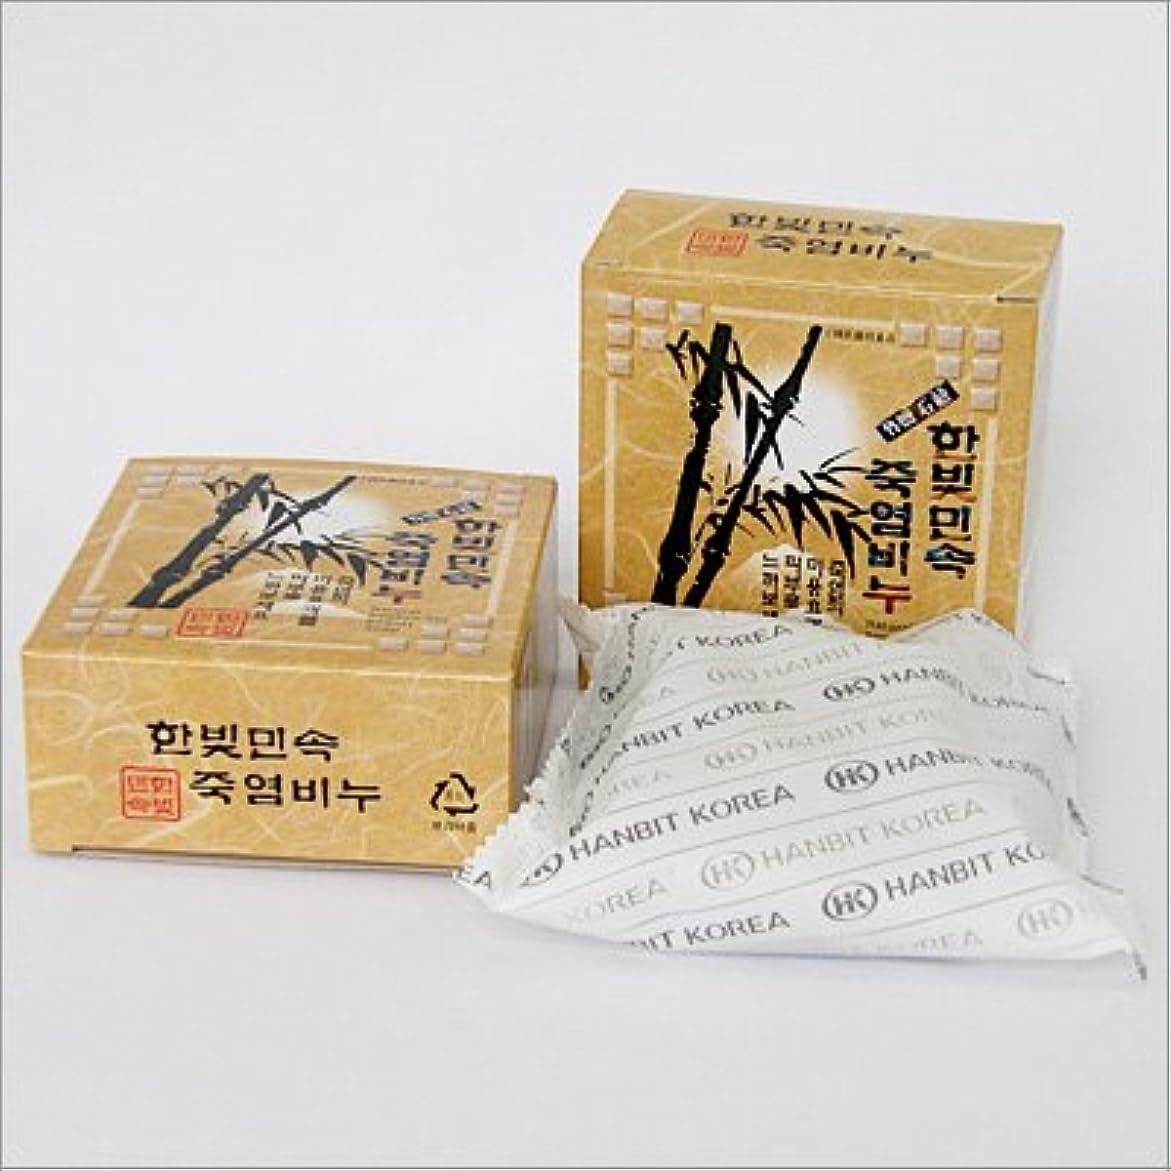 コテージアサート全滅させる(韓国ブランド) 韓国直輸入』竹塩石鹸(3個×5セット)